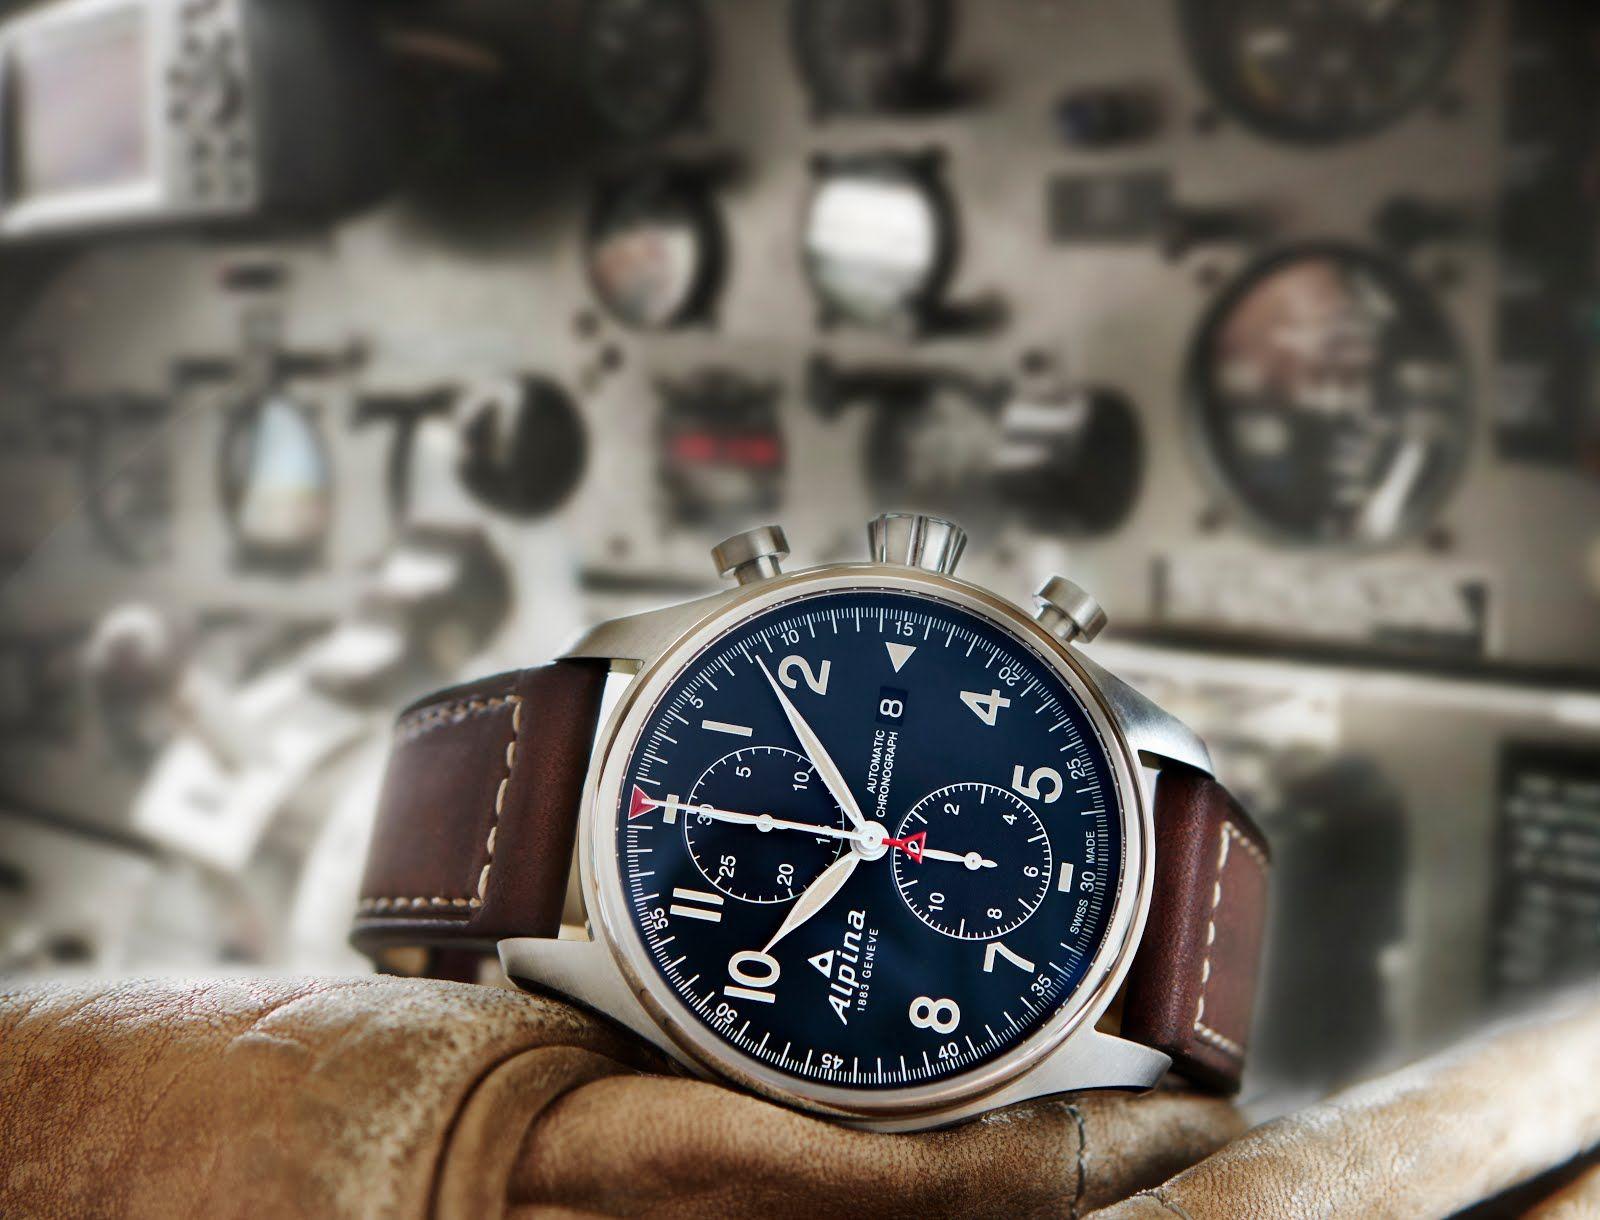 Alpina Startimer Pilot Automatic Chronograph blog debajo del reloj